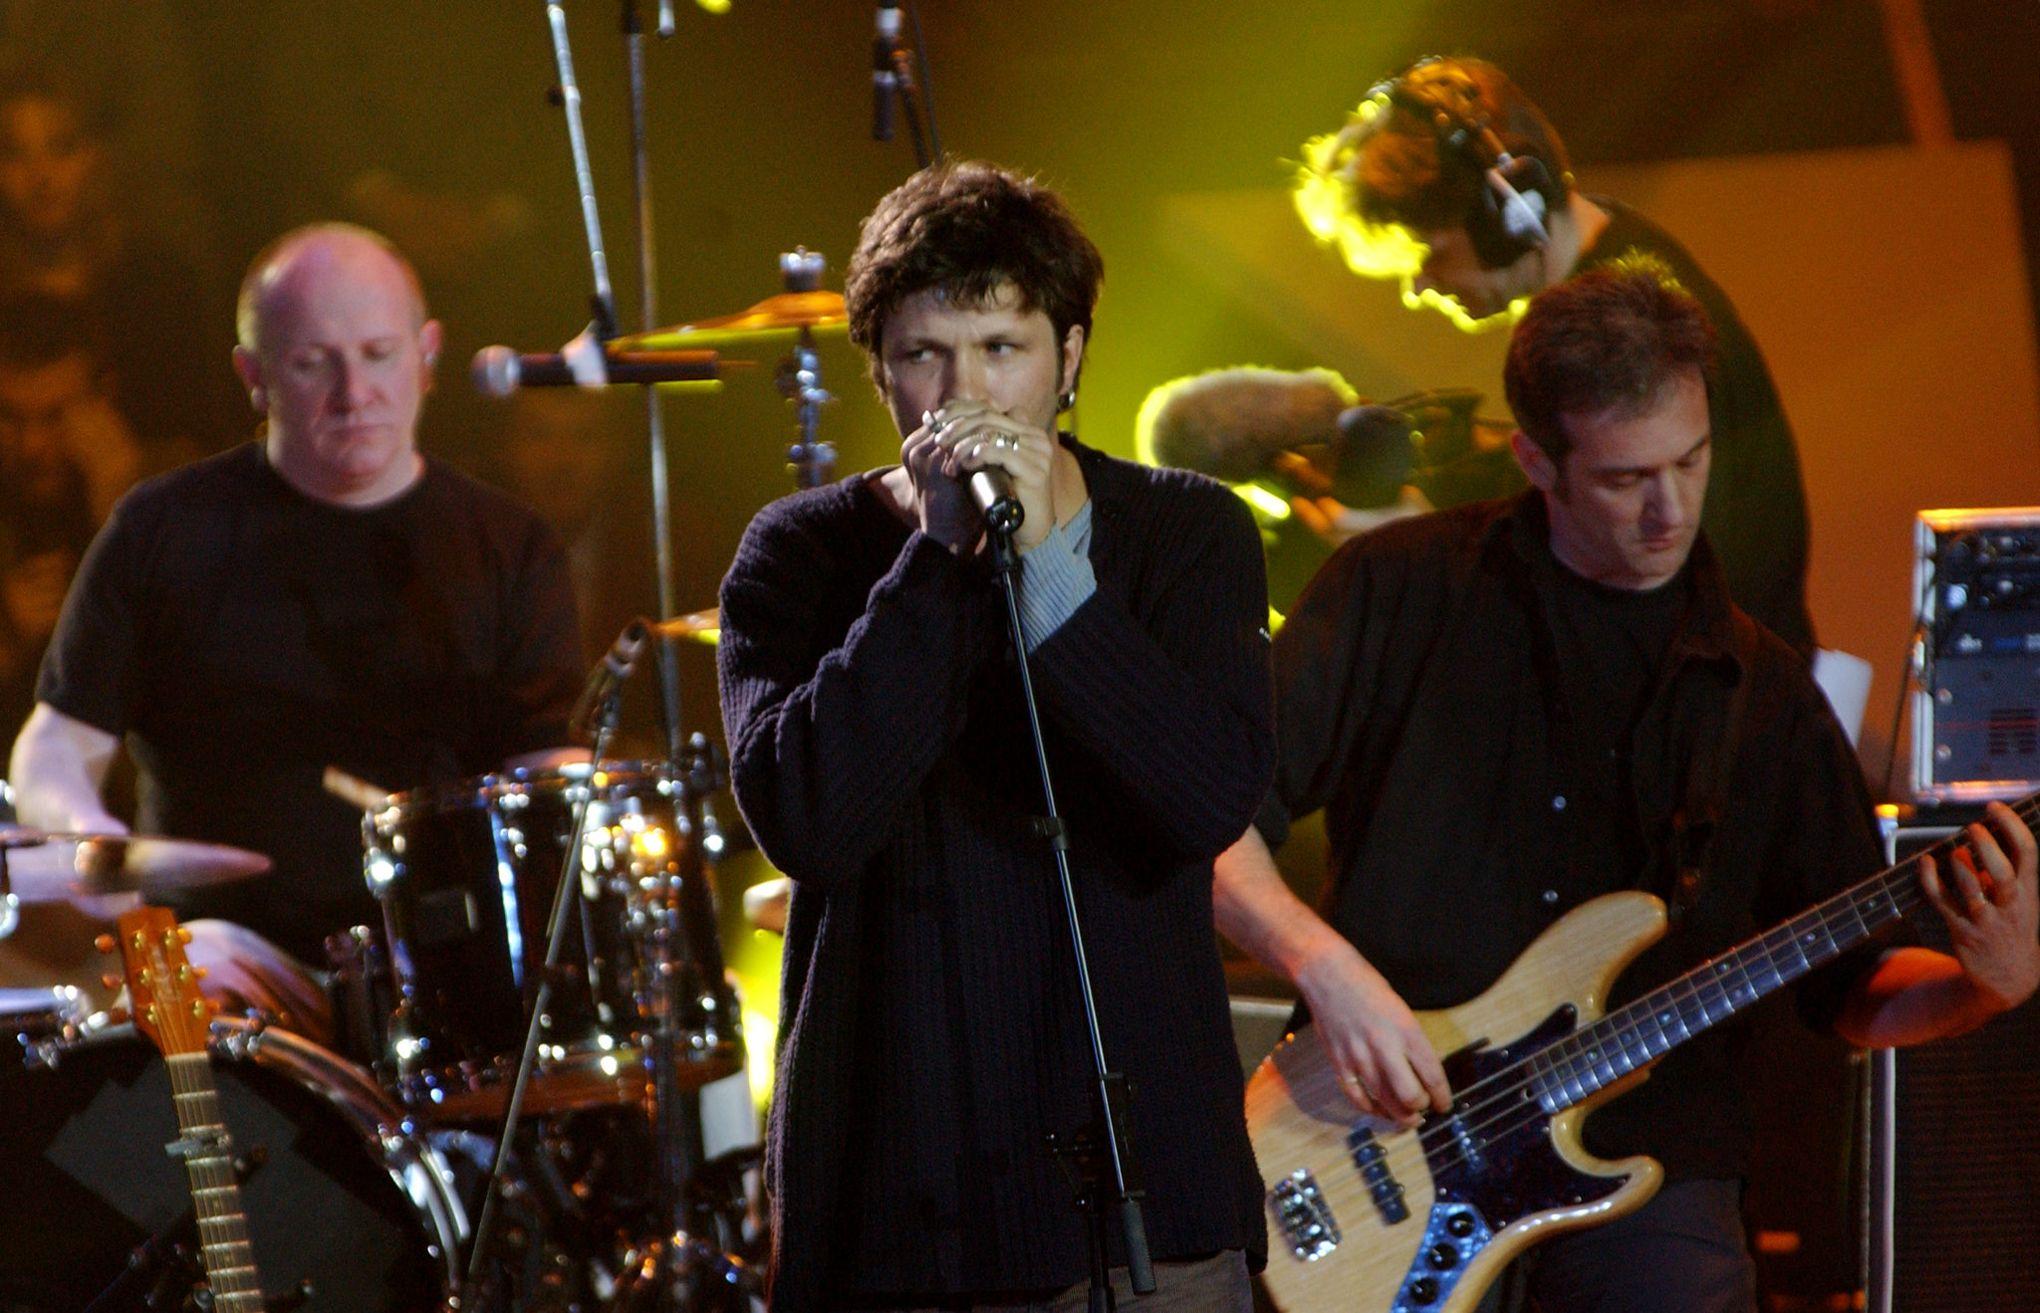 Dix ans après la séparation du groupe, Noir Désir sort un album acoustique